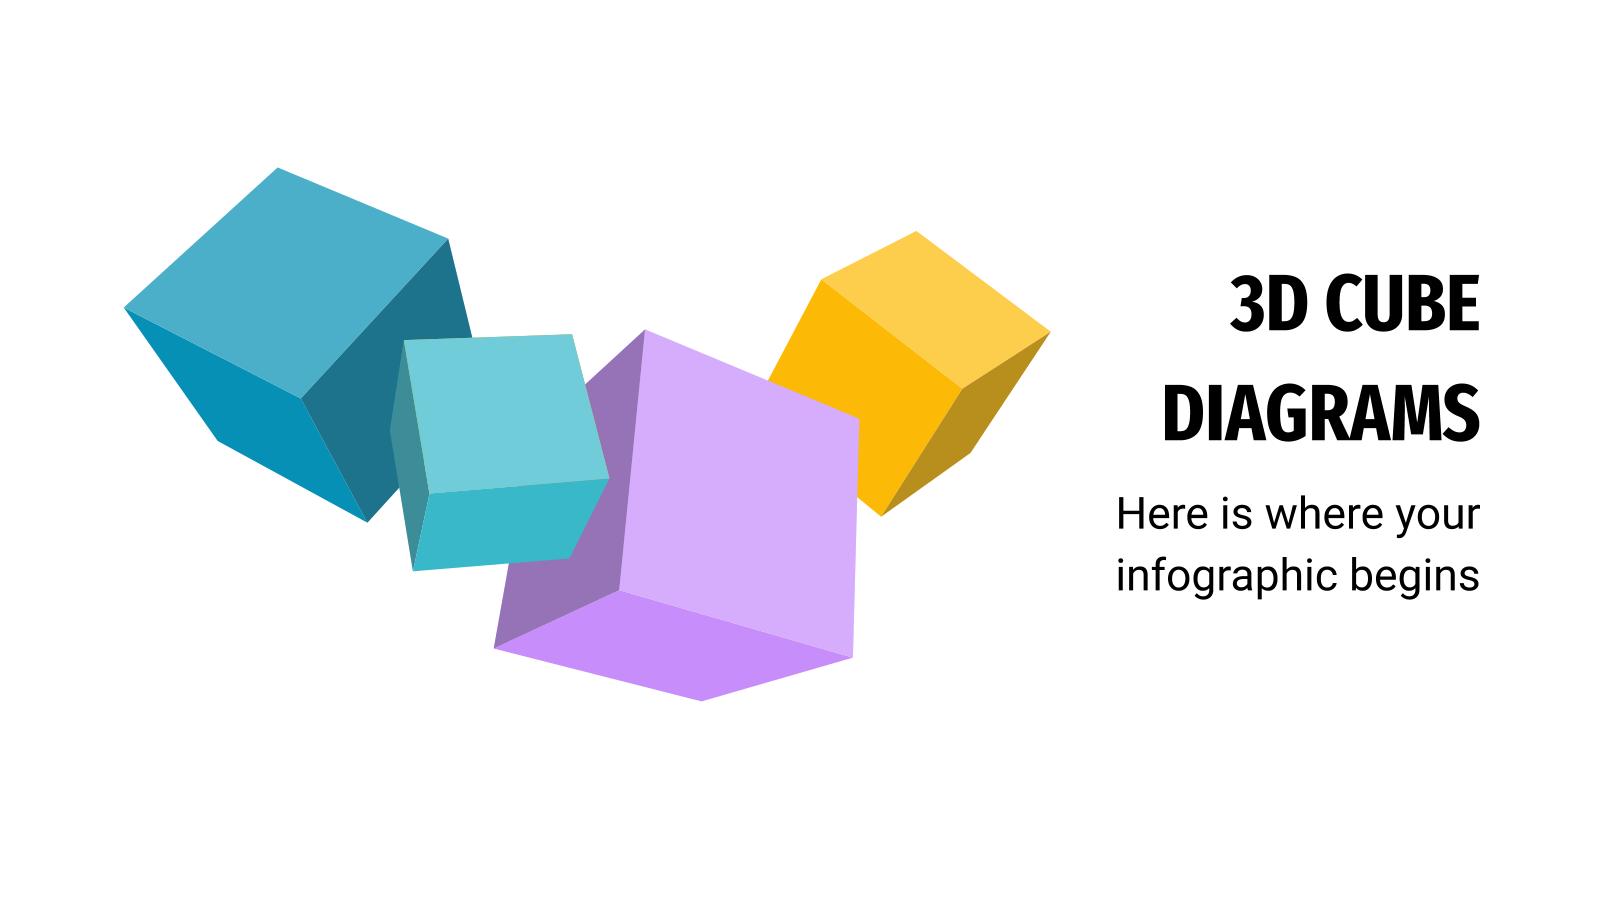 Modelo de apresentação Diagrama de cubos 3D